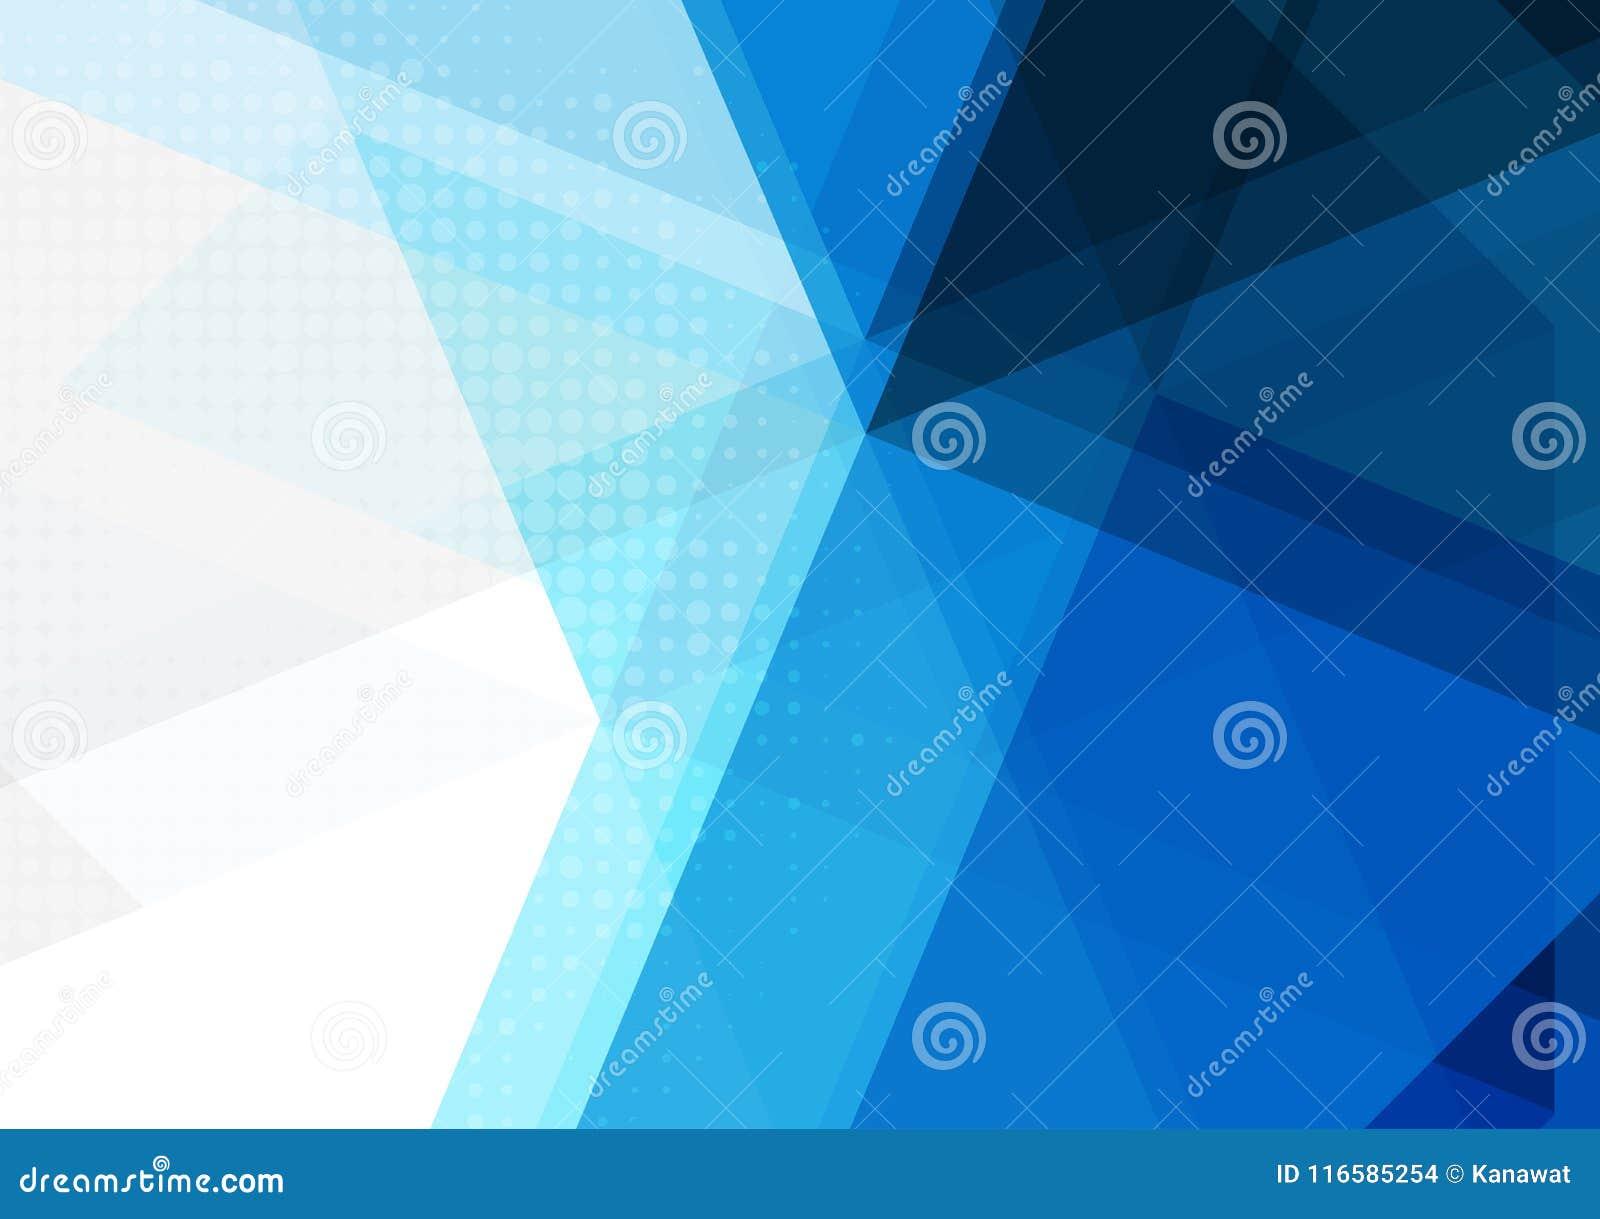 Μπλε αφηρημένο γεωμετρικό υπόβαθρο, διανυσματική απεικόνιση